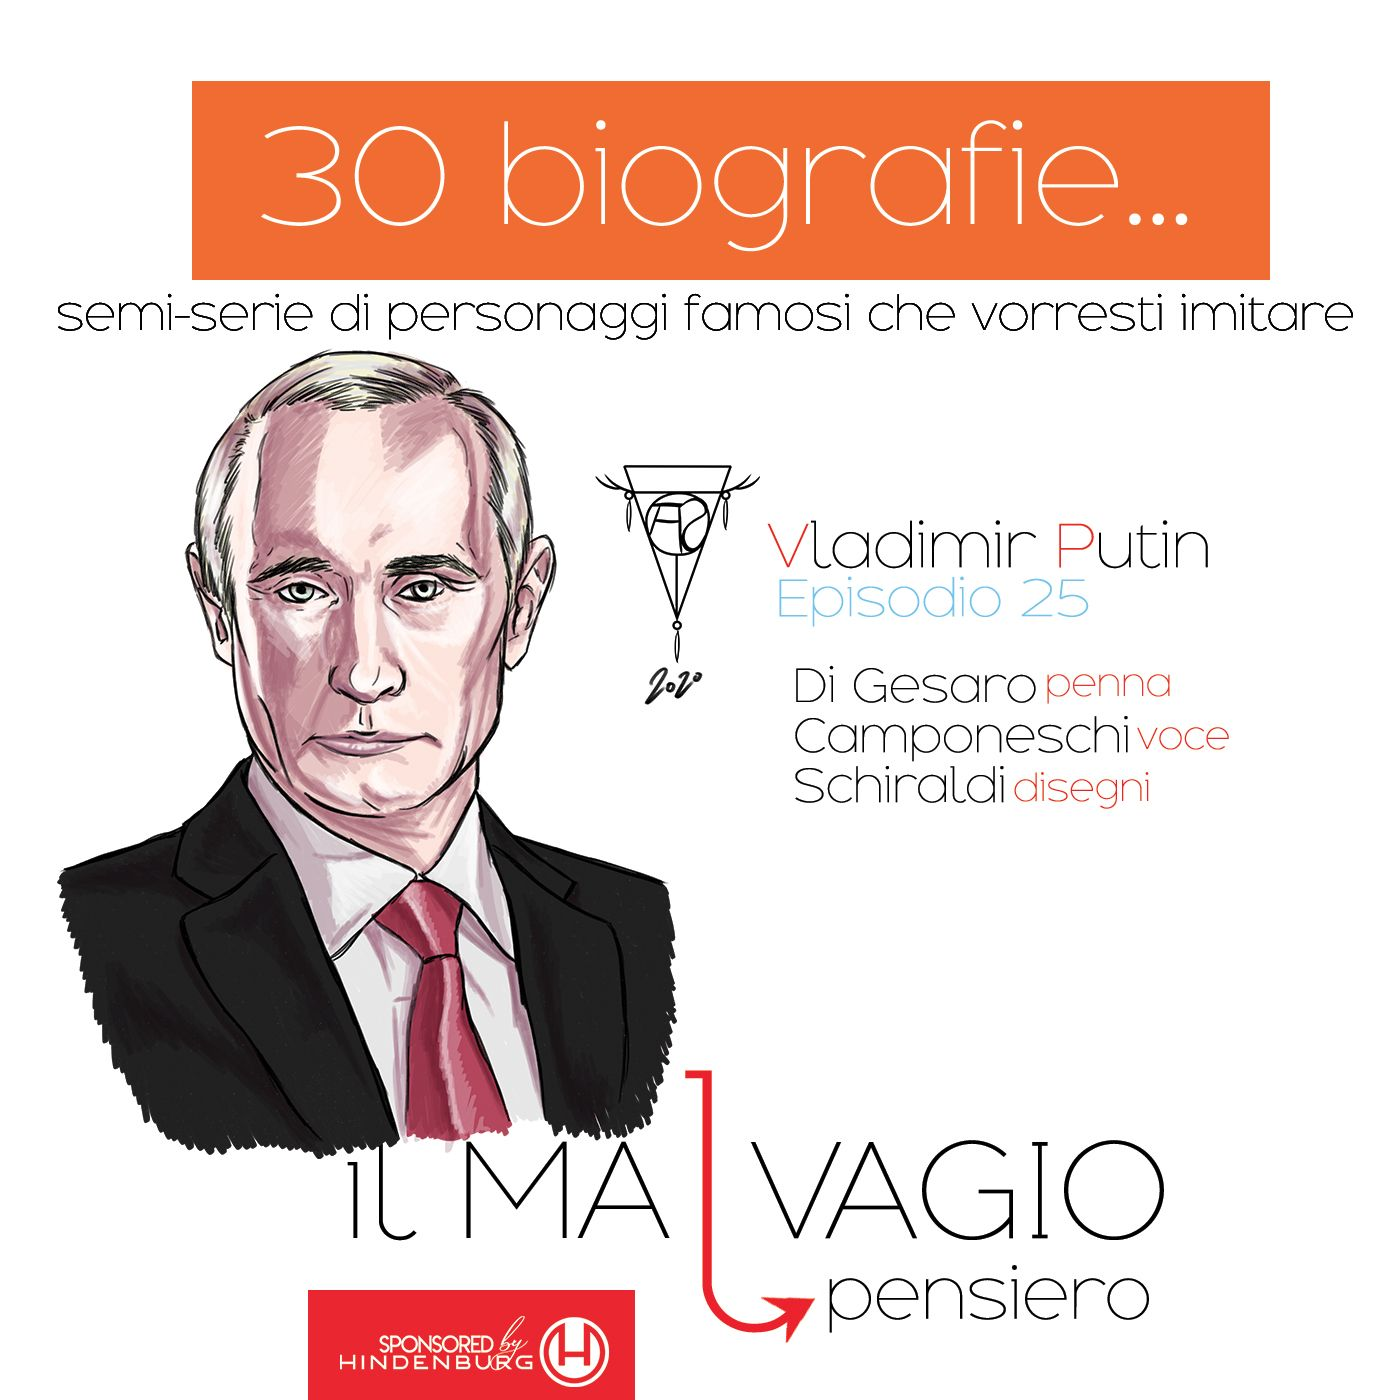 25 - Vladimir Putin: e siamo ancora vivi